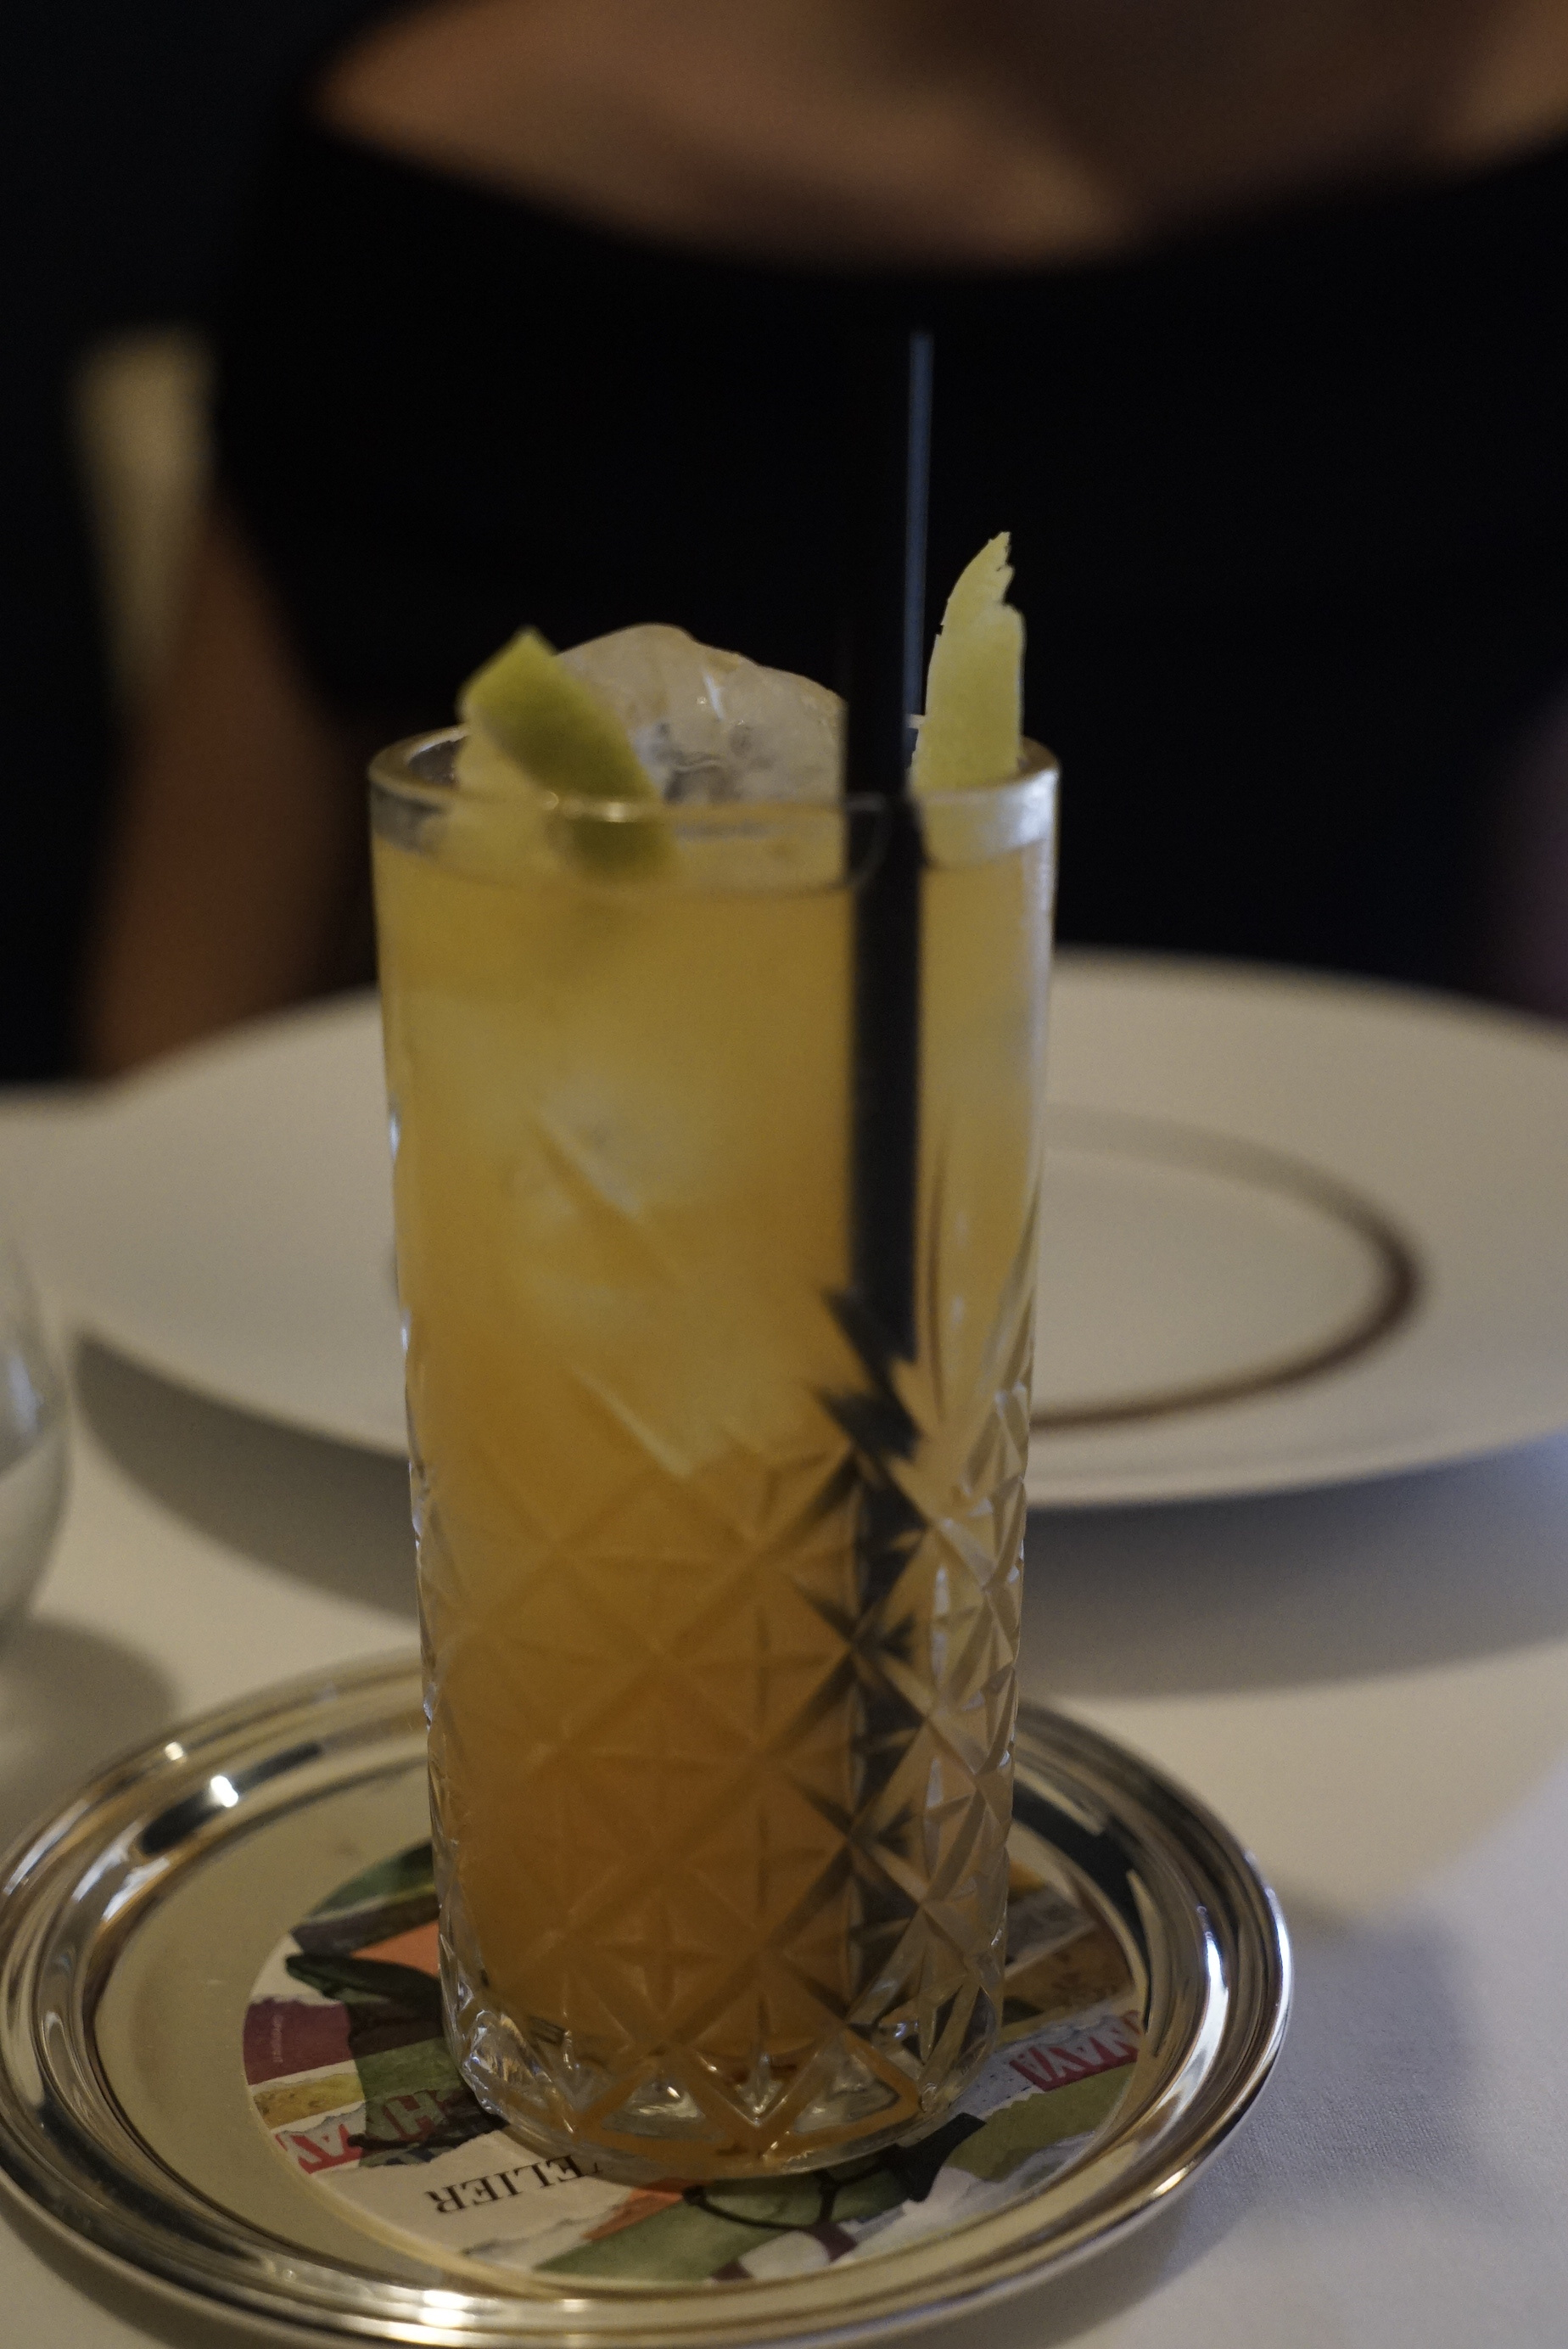 carrot ginger beer and lemongrass cocktail.JPG